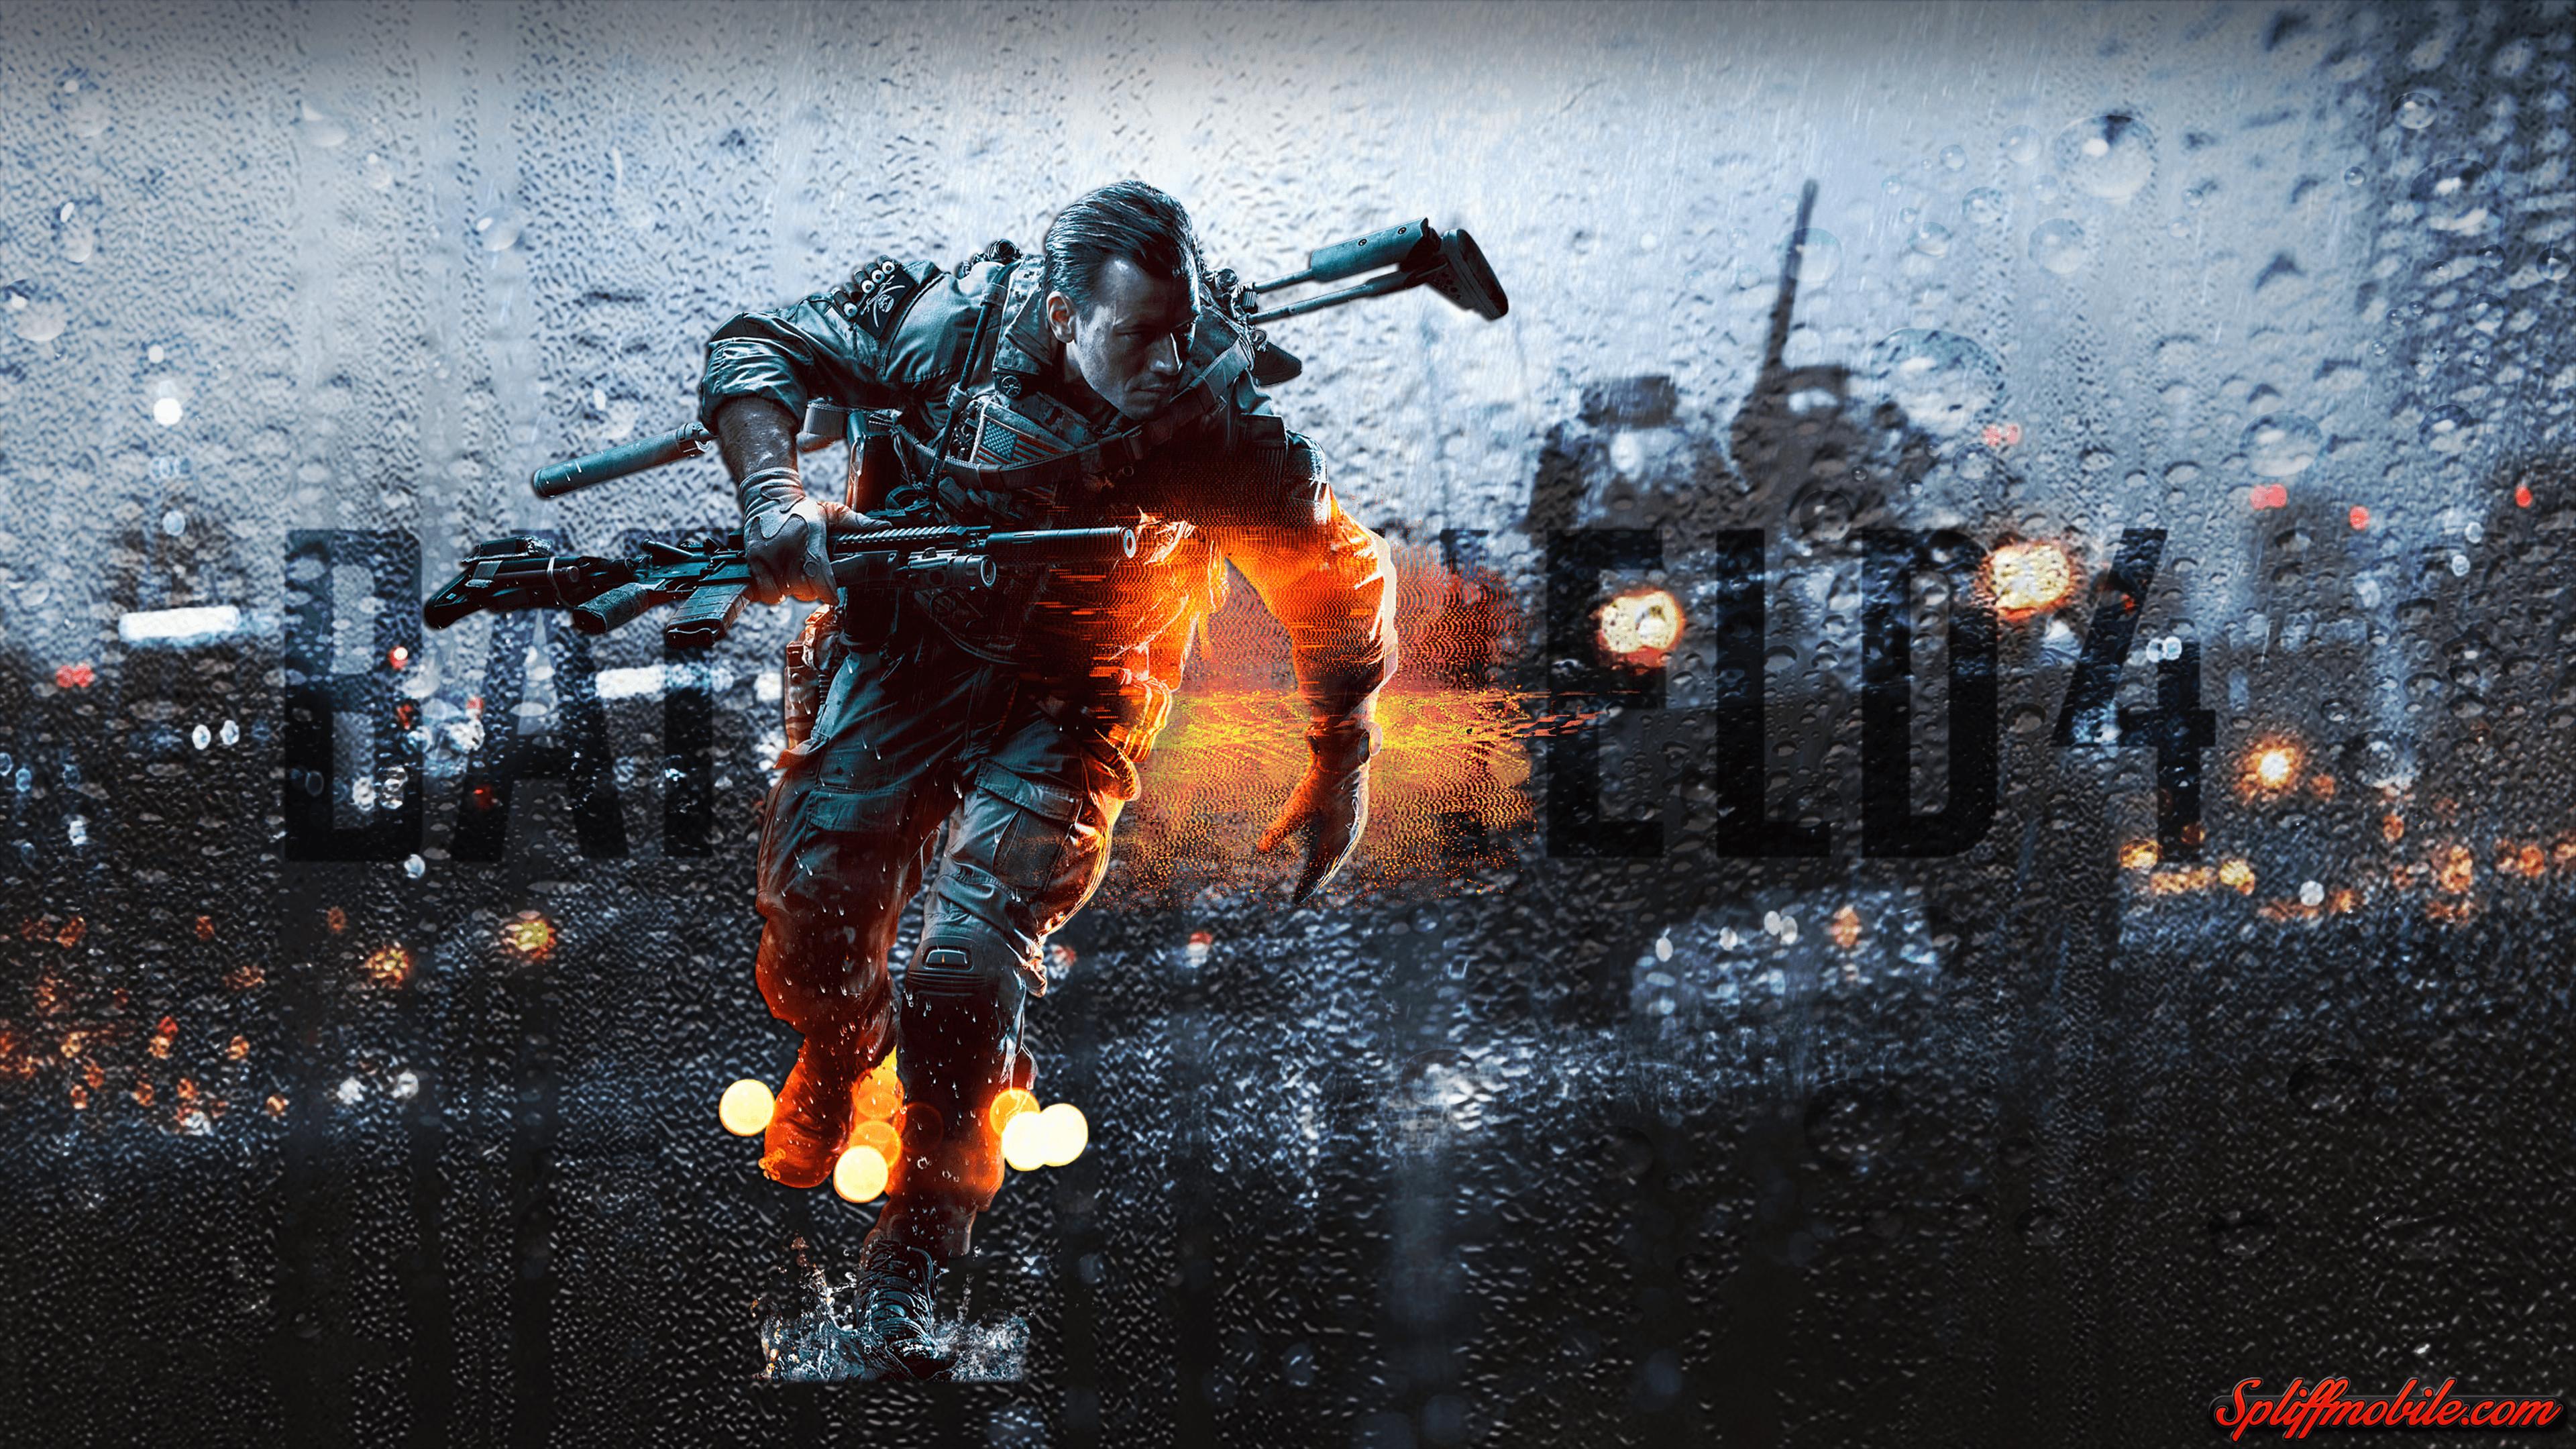 Battlefield 4 4k Wallpapers Top Free Battlefield 4 4k